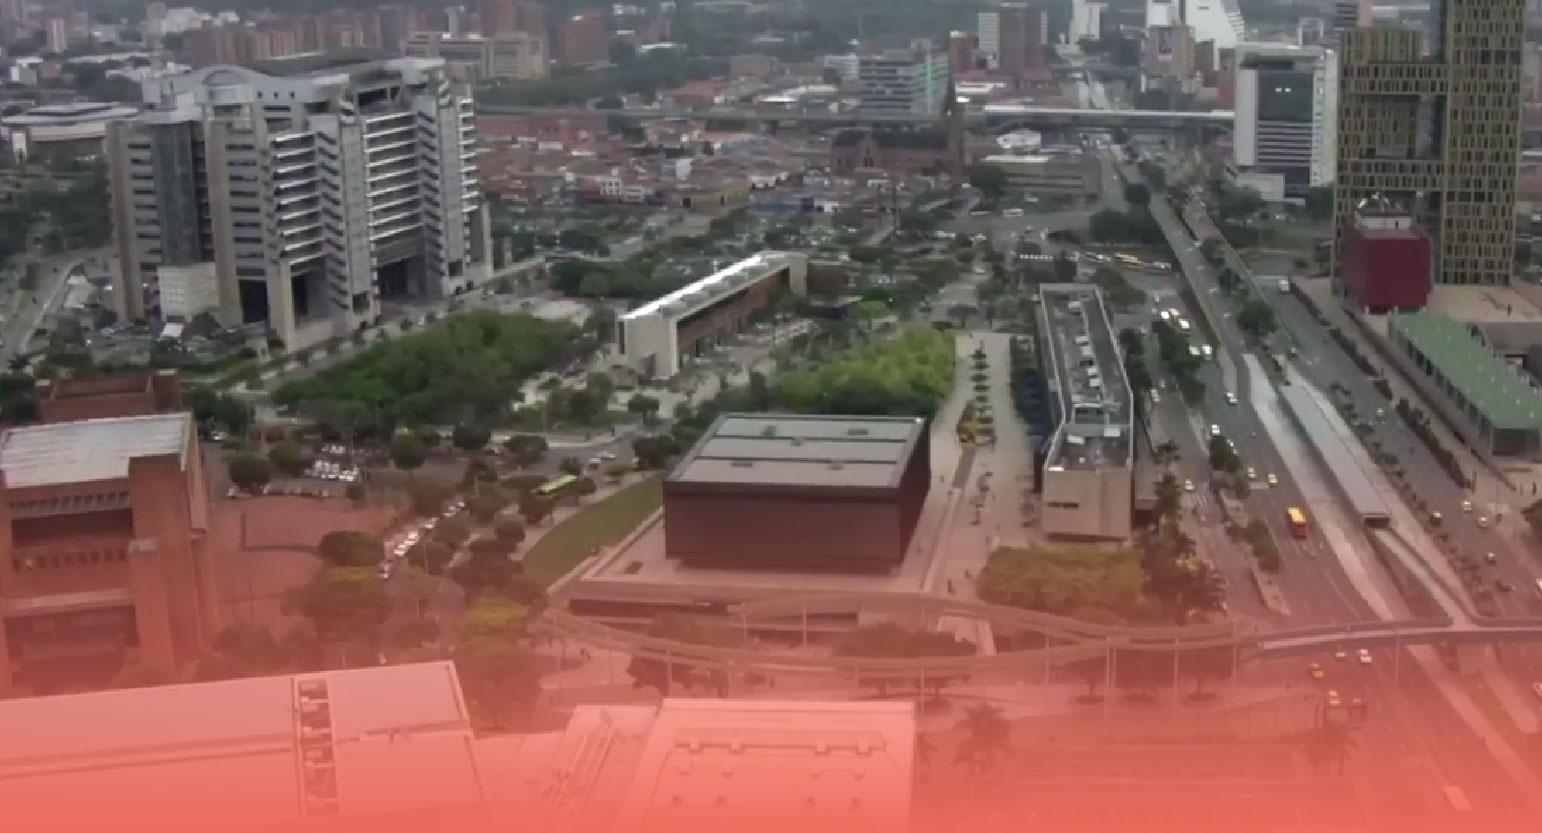 V Encuentro Colombiano de Parques Científicos, Tecnológicos, Incubadoras de Empresas y Espacios de Innovación